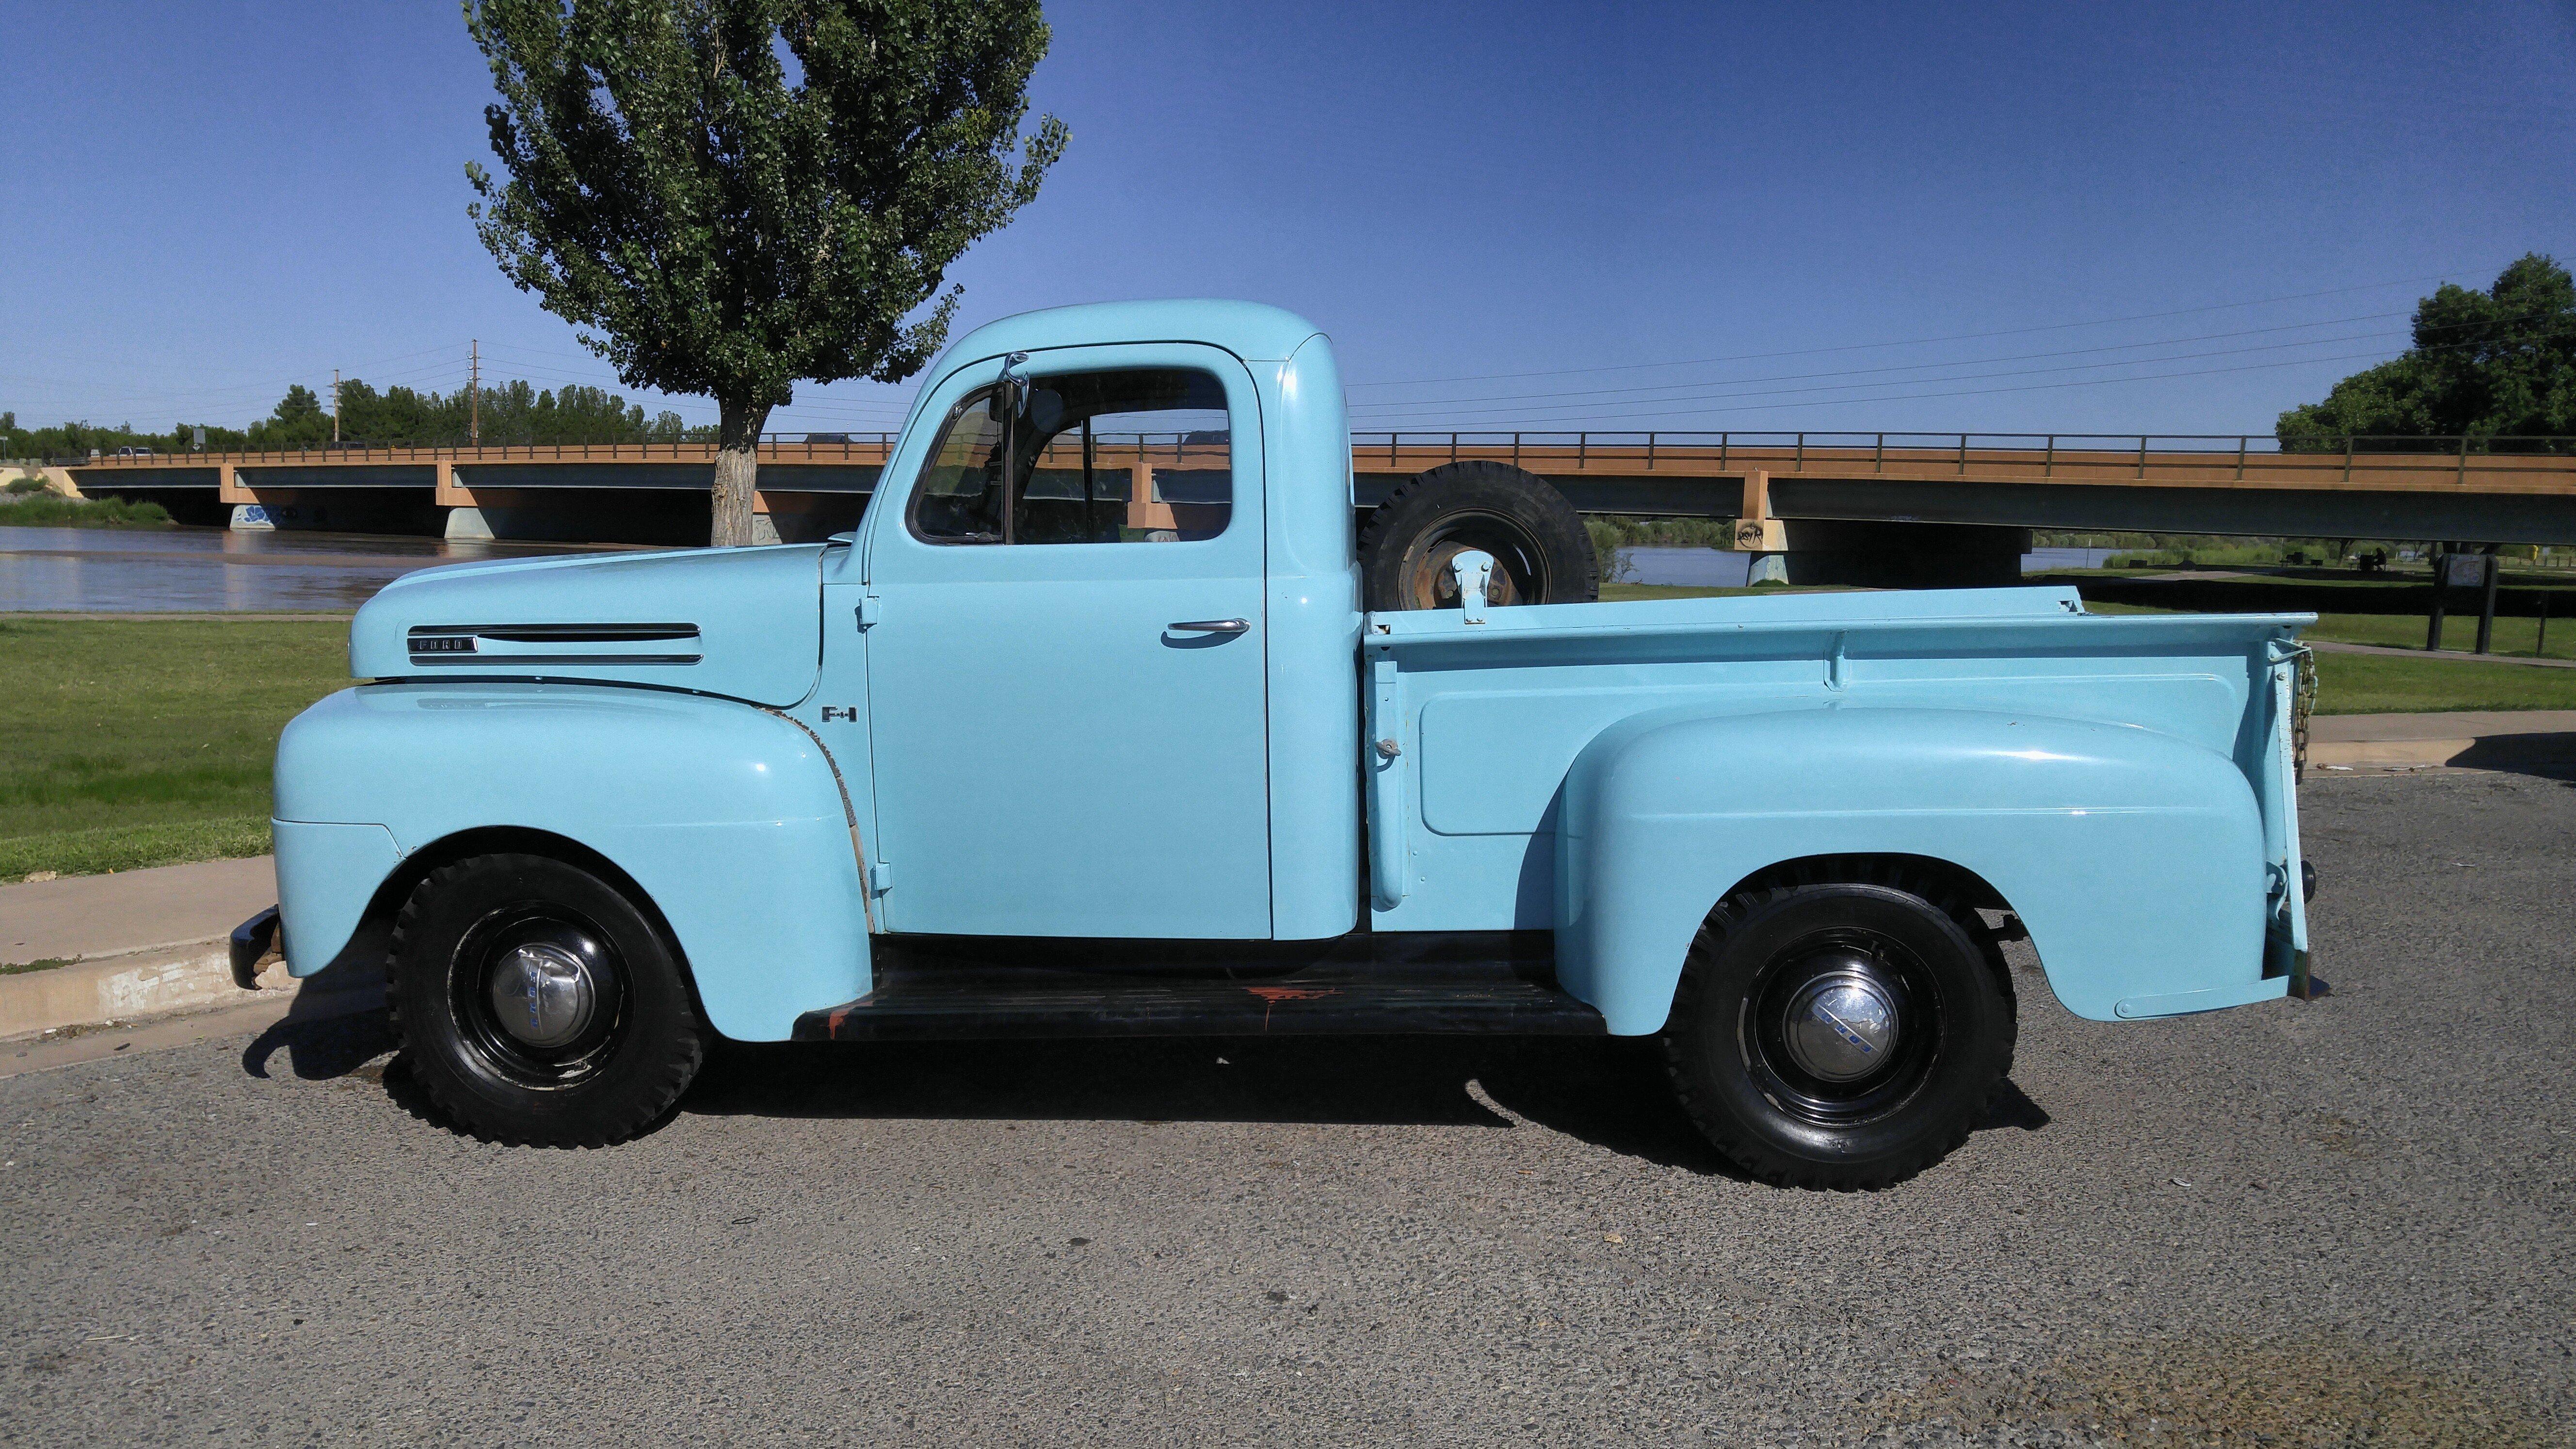 1949 Chevy Truck For Sale Craigslist Texas 1950 Build Parts 1956 Trucks Automotive